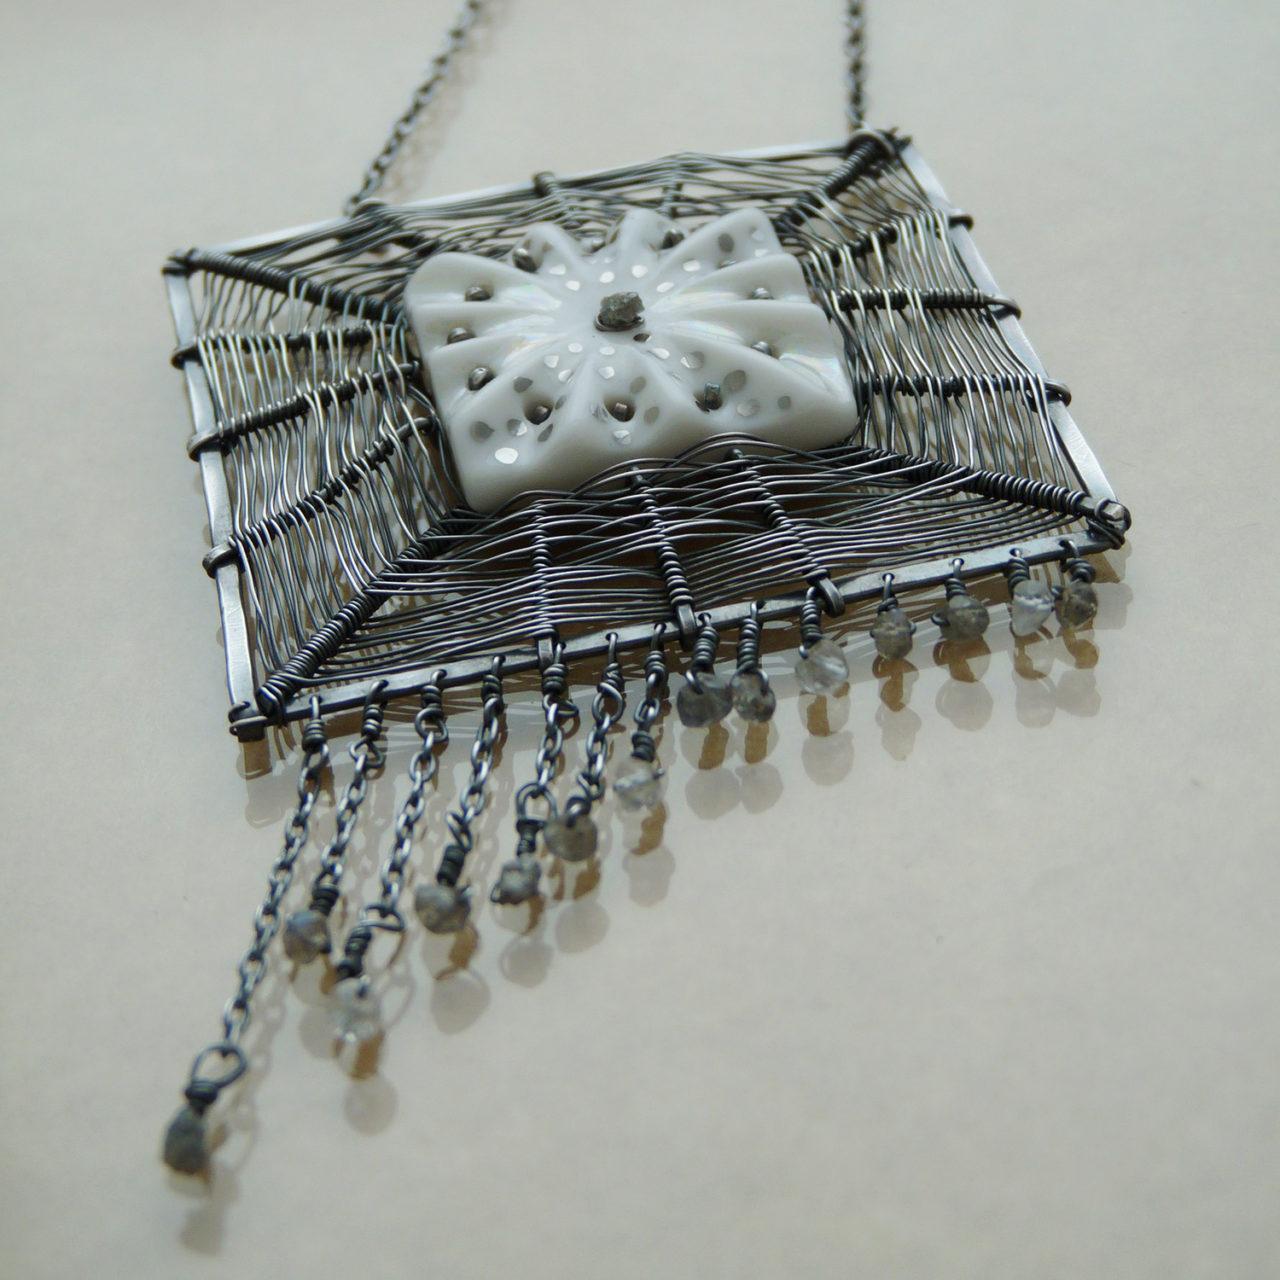 Drátovaný náhrdelník s pozcelánovým obrázkem ve středu, drobnými surovými diamanty a labradority vyrobený s postříbřeného drátu (silver-filled).